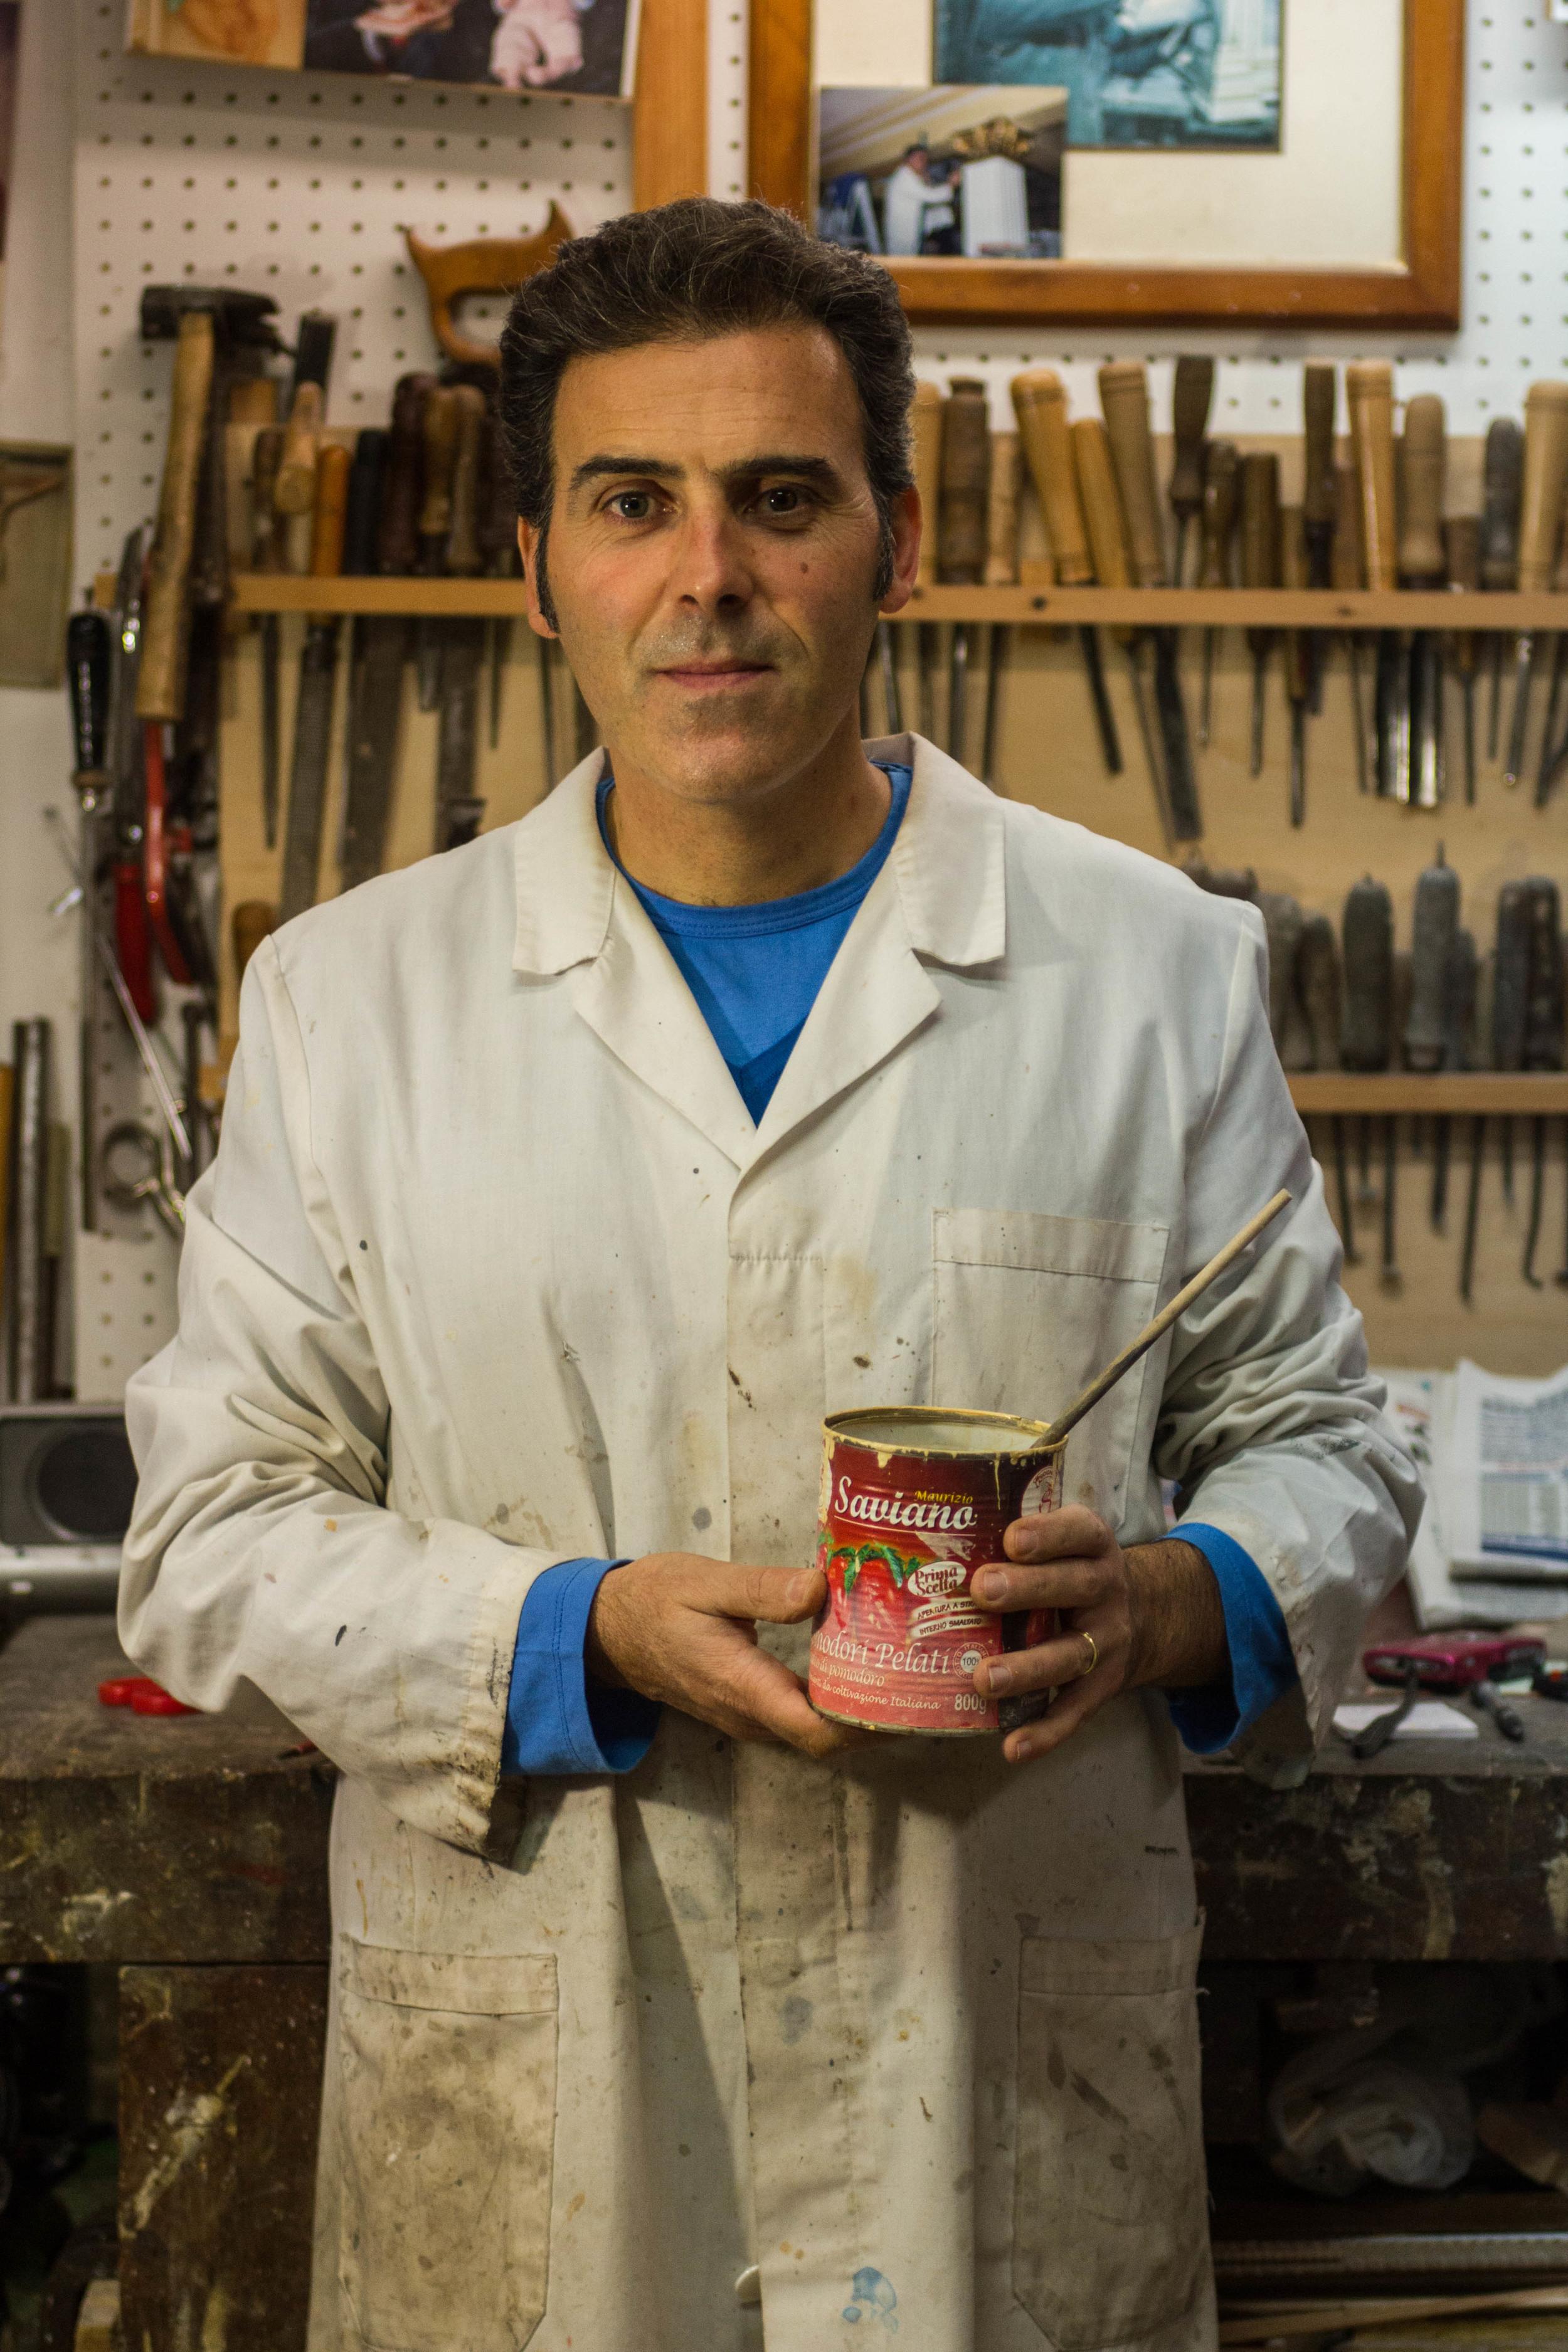 Maurizio prepares the bole